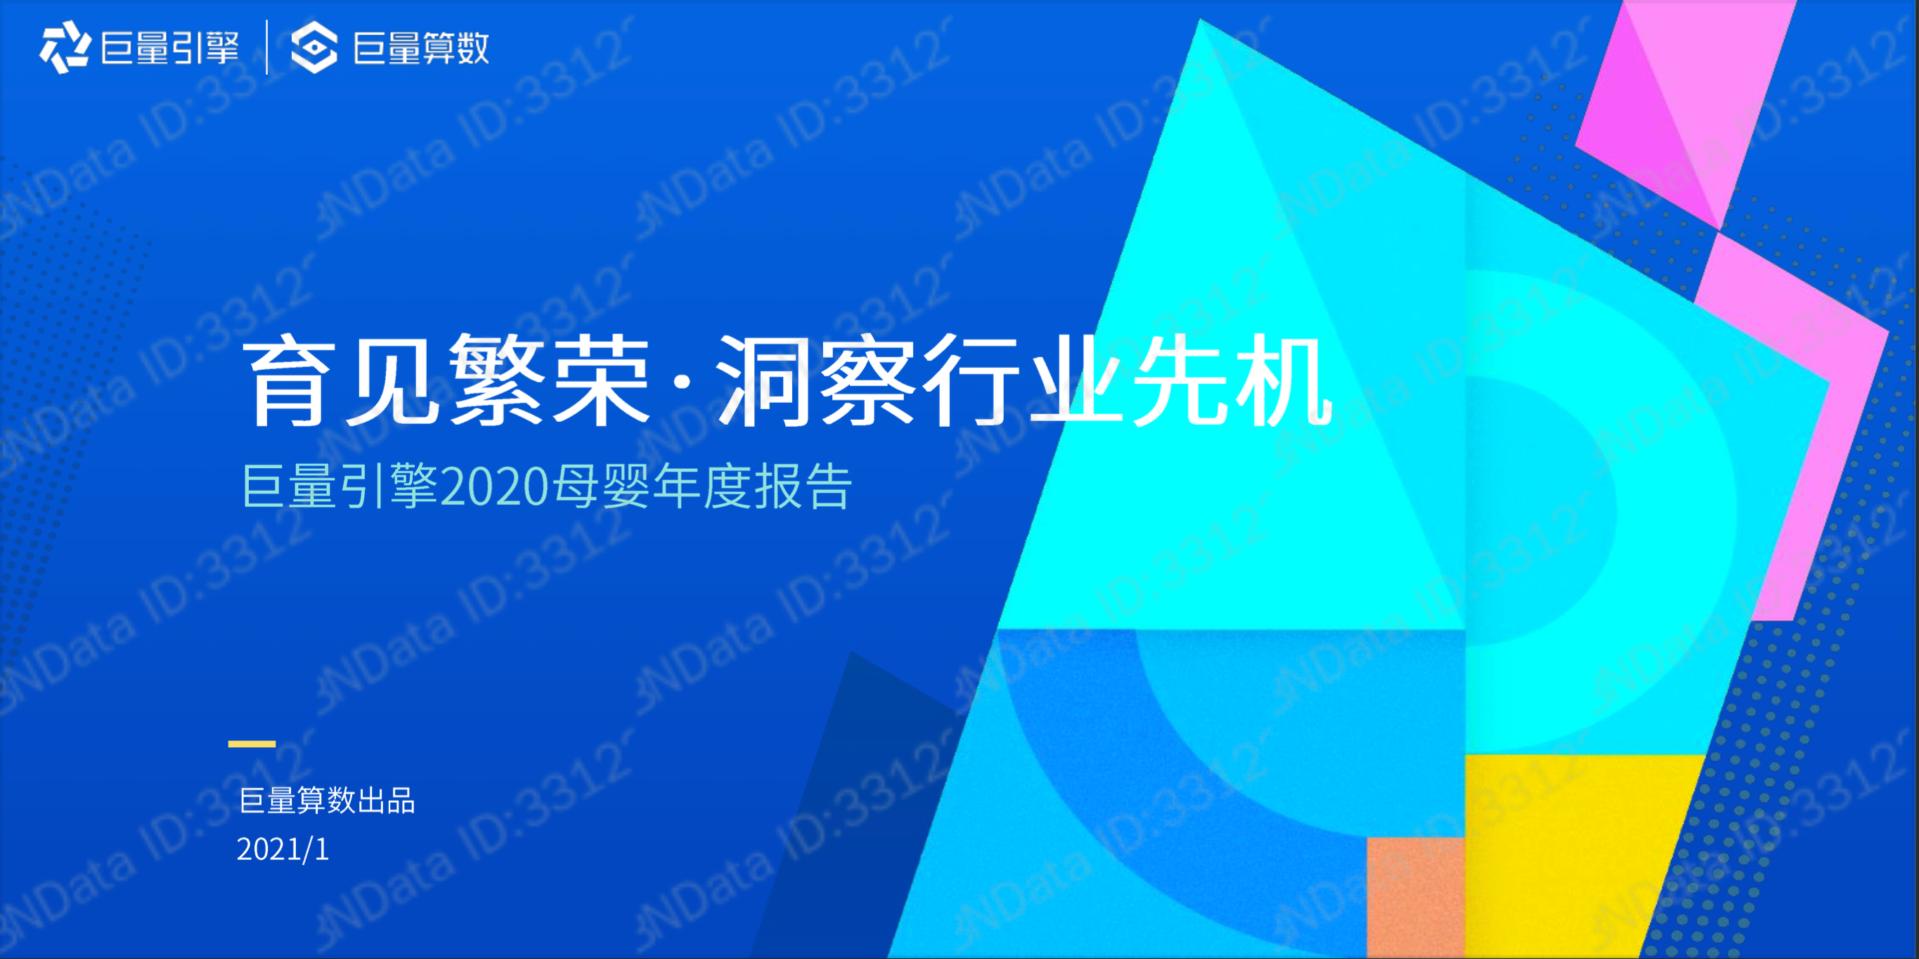 2020年度 中国ベビー・マタニティ市場の最新レポート